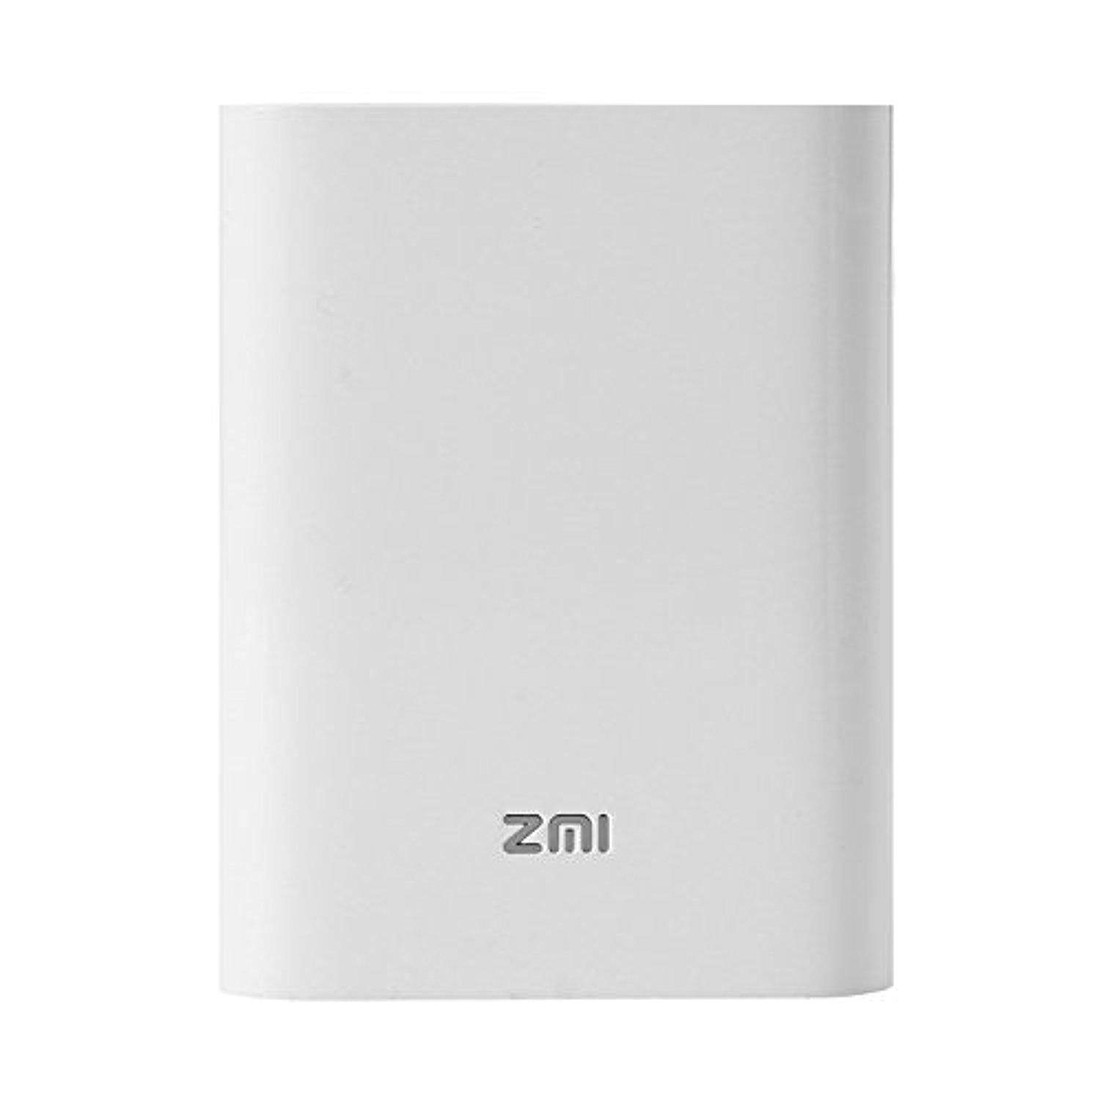 Портативное зарядное устройство-роутер, Xiaomi, ZMi MF855 , Выход USB: 1*2.1A, Индикатор заряда бата